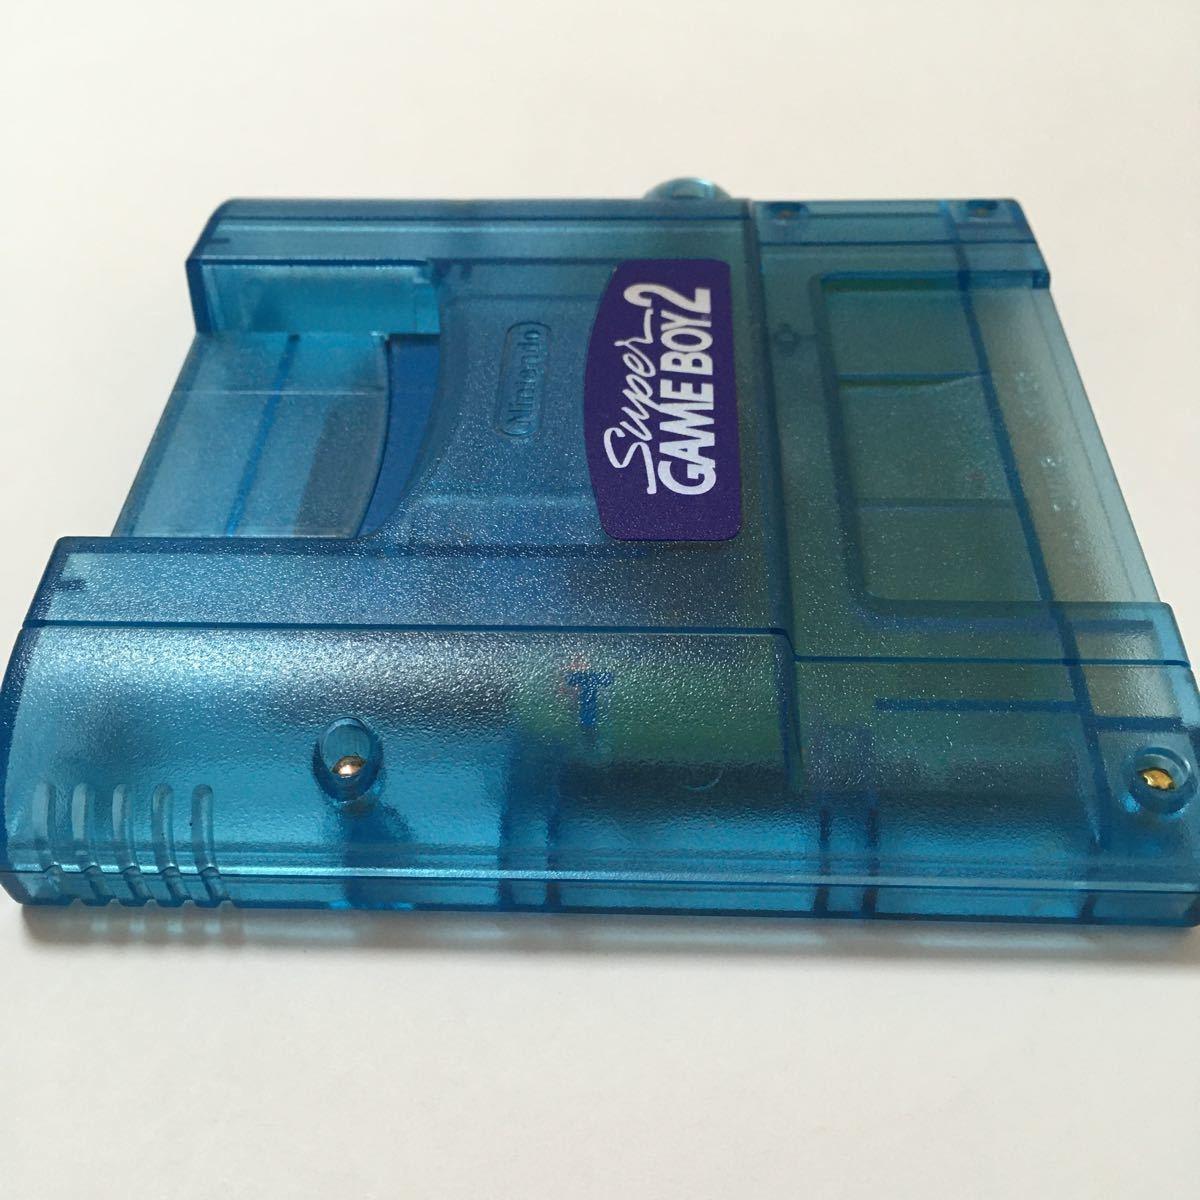 スーパーゲームボーイ2  動作確認済み スーファミ スーパーファミコン レトロ ゲームボーイ 任天堂